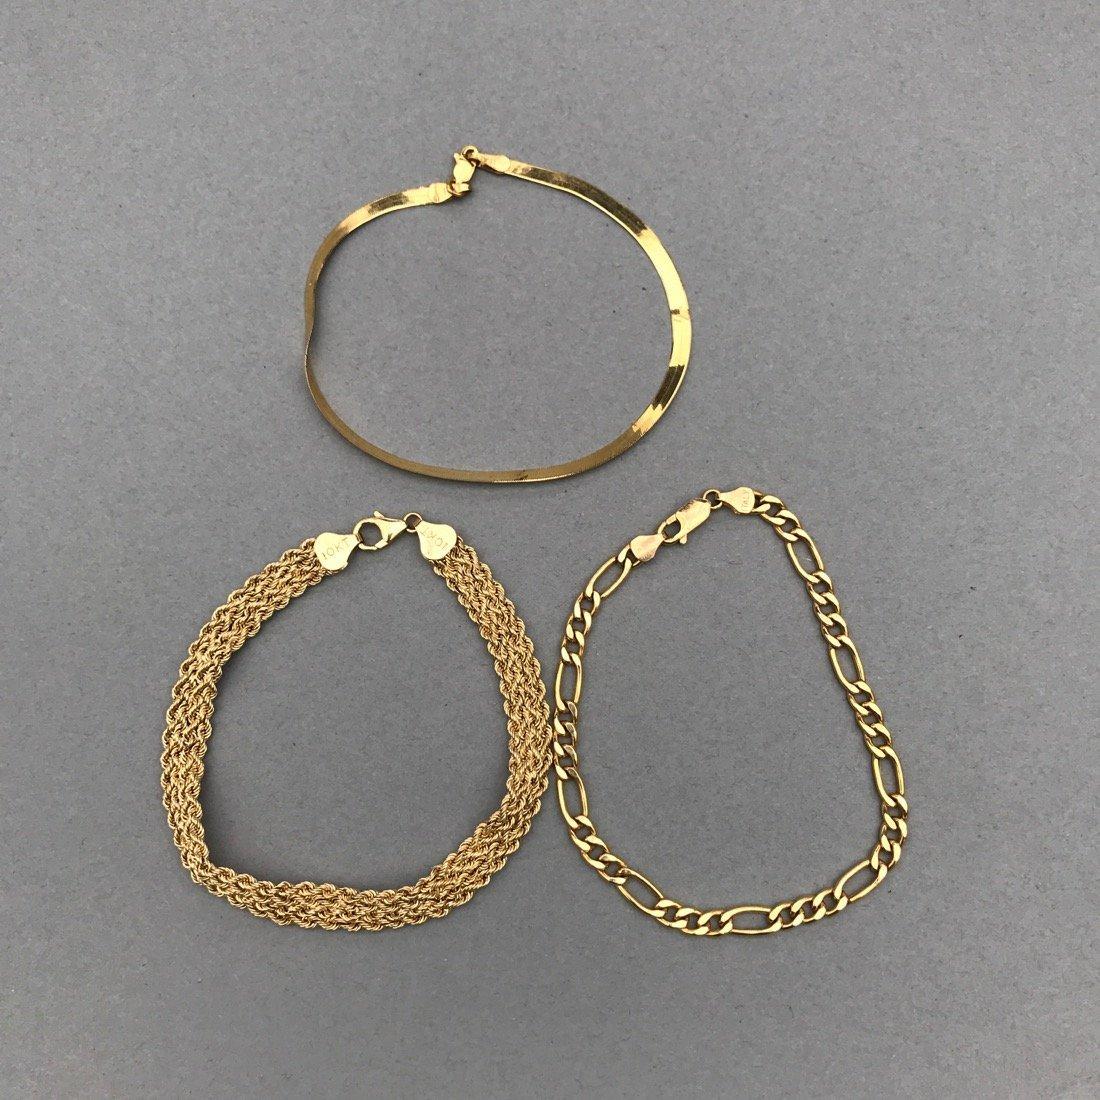 3 10K Gold Bracelets